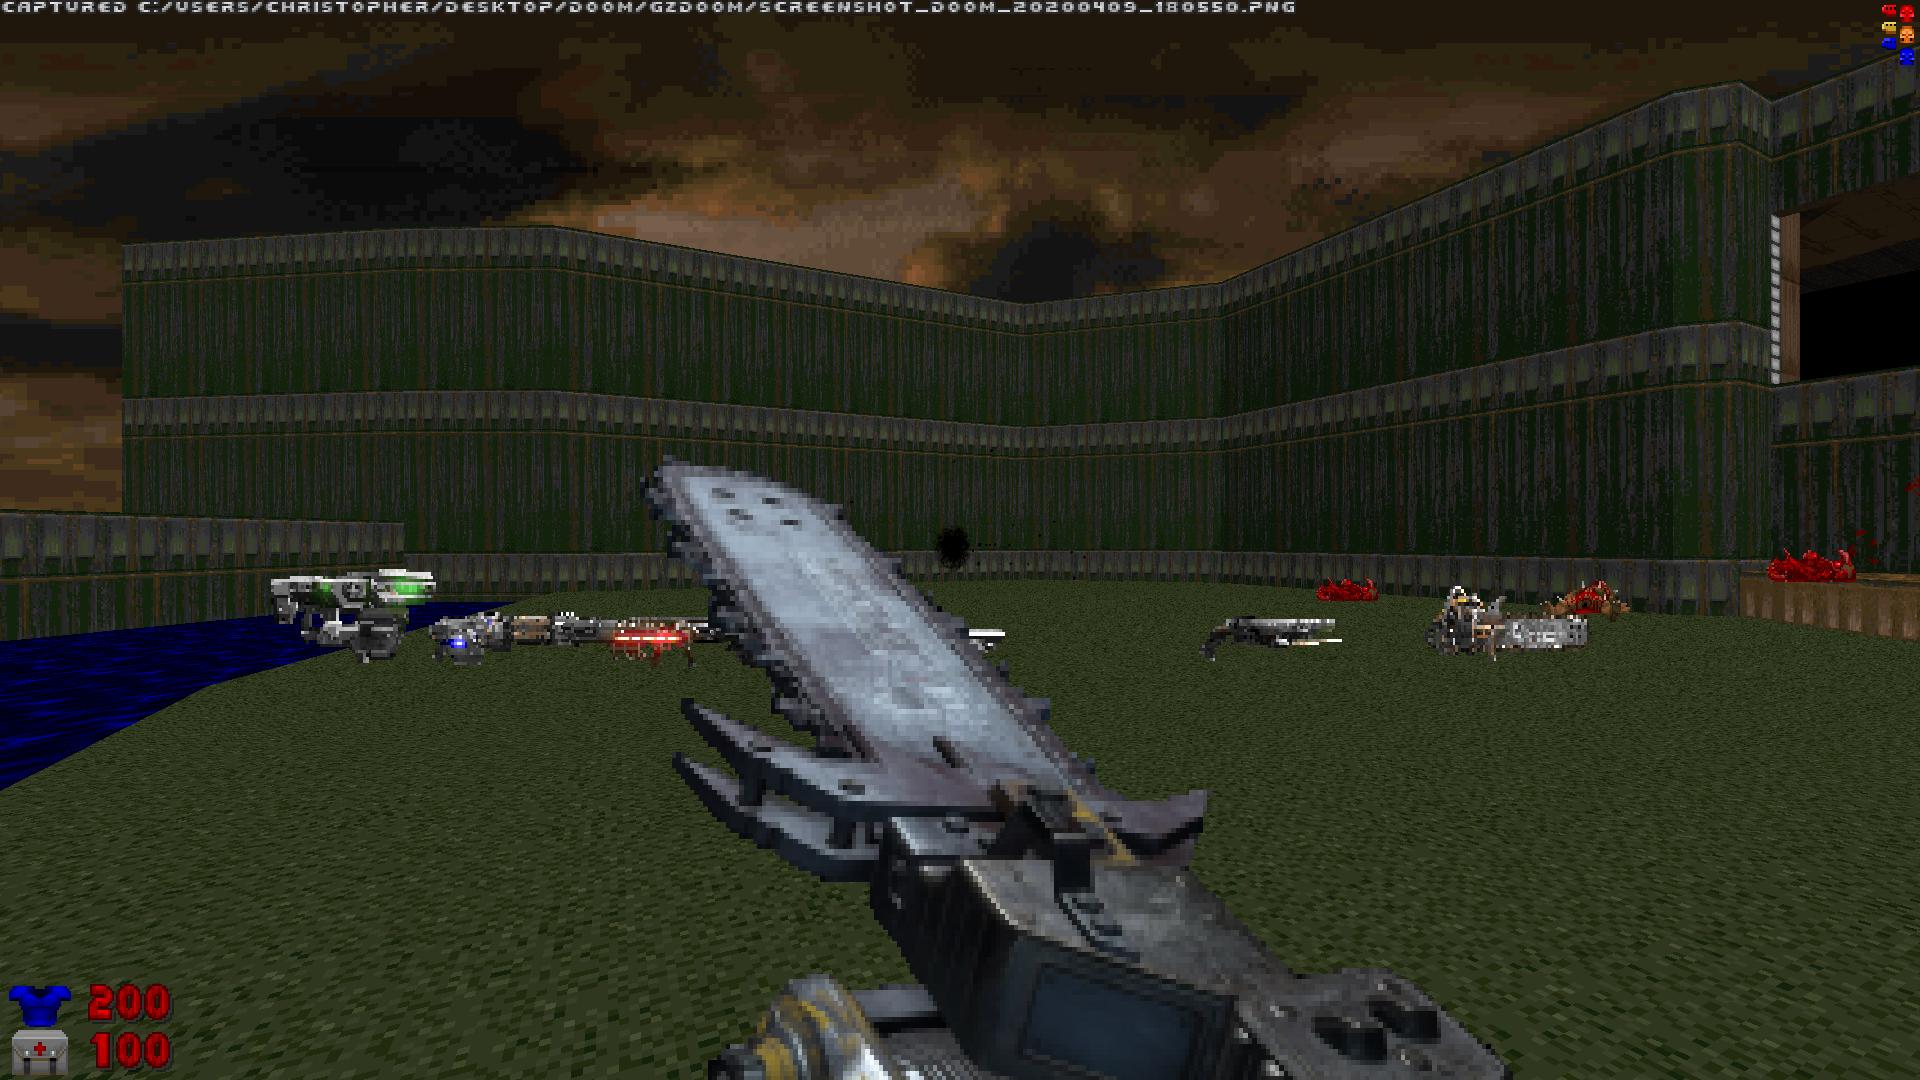 Screenshot_Doom_20200409_180553.png.1b2e116cfff6cb0aa6351afea2ca5f7b.png